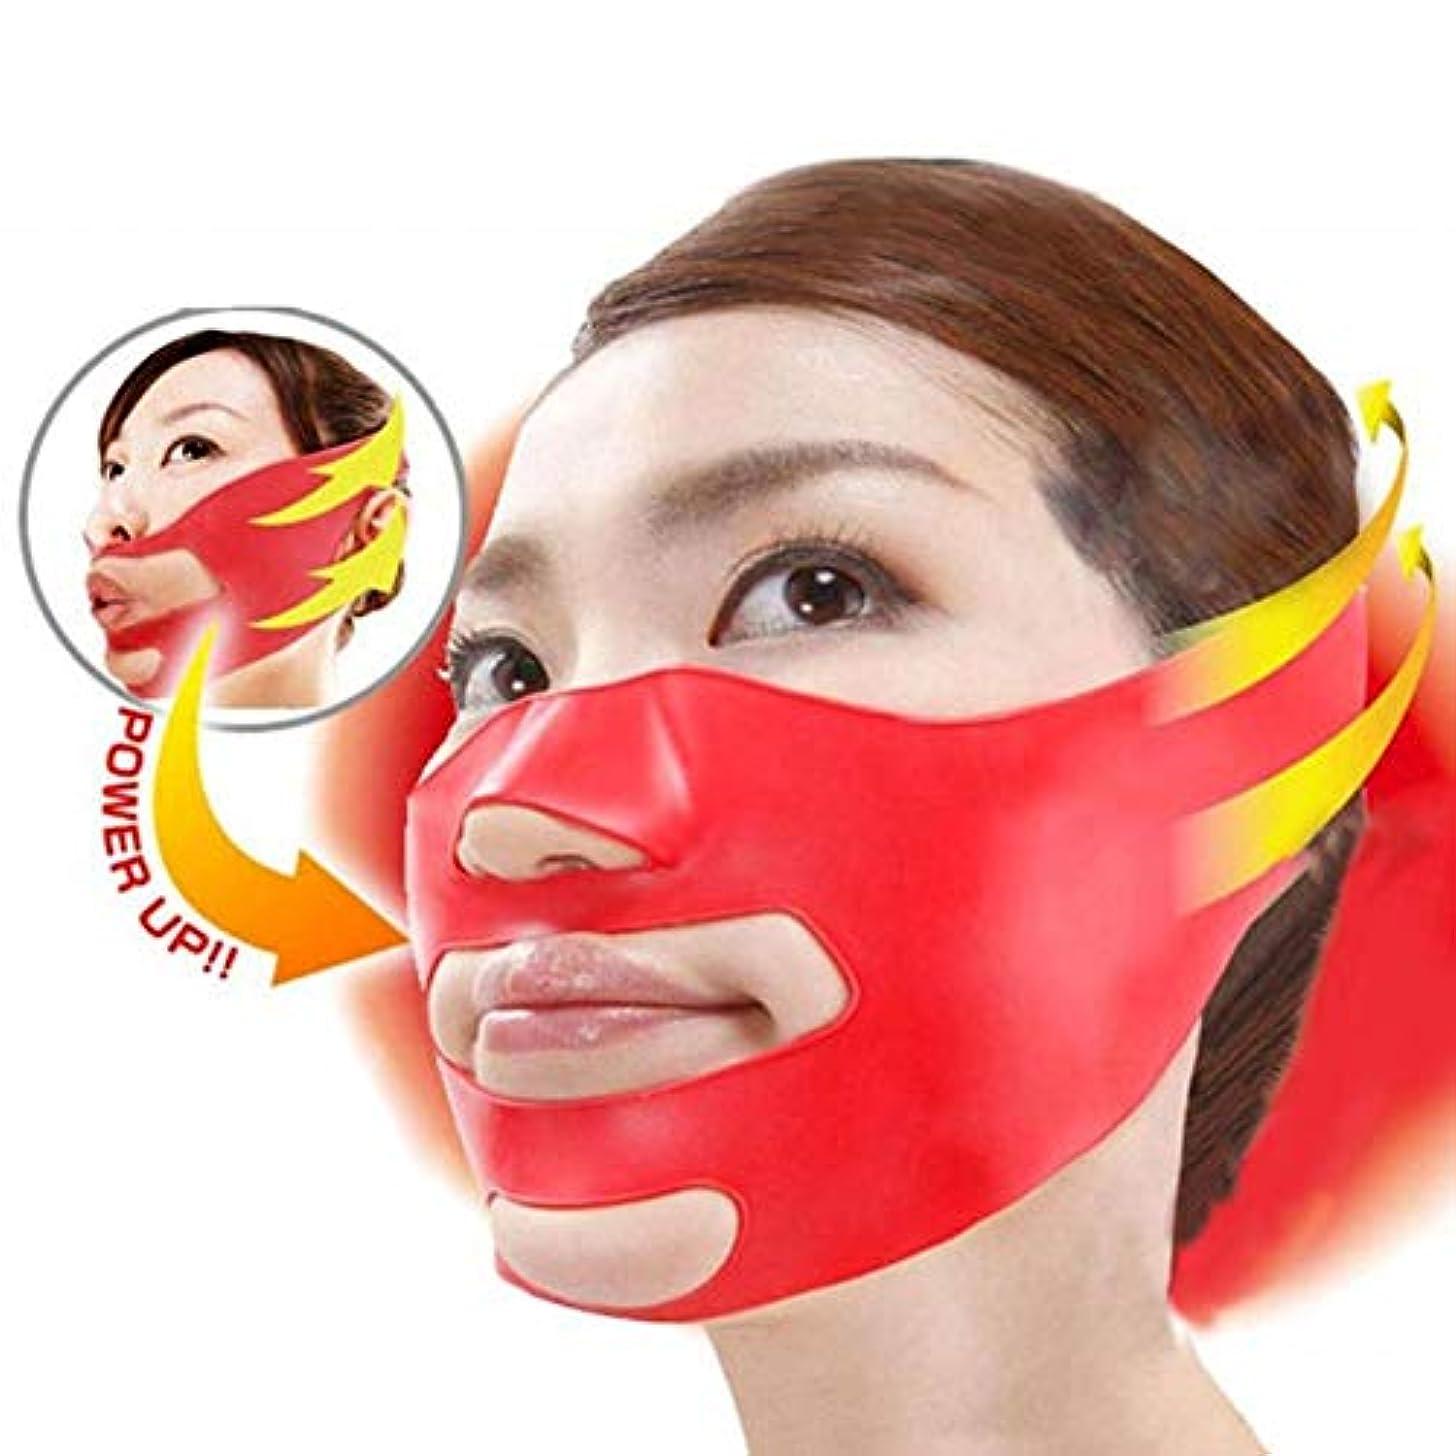 無許可知り合い所属1ピース3dフェイスリフトツールフェイシャルシェイパーv頬リフトアップフェイスマスク痩身マスクベルト包帯成形整形スリム女性美容ツール